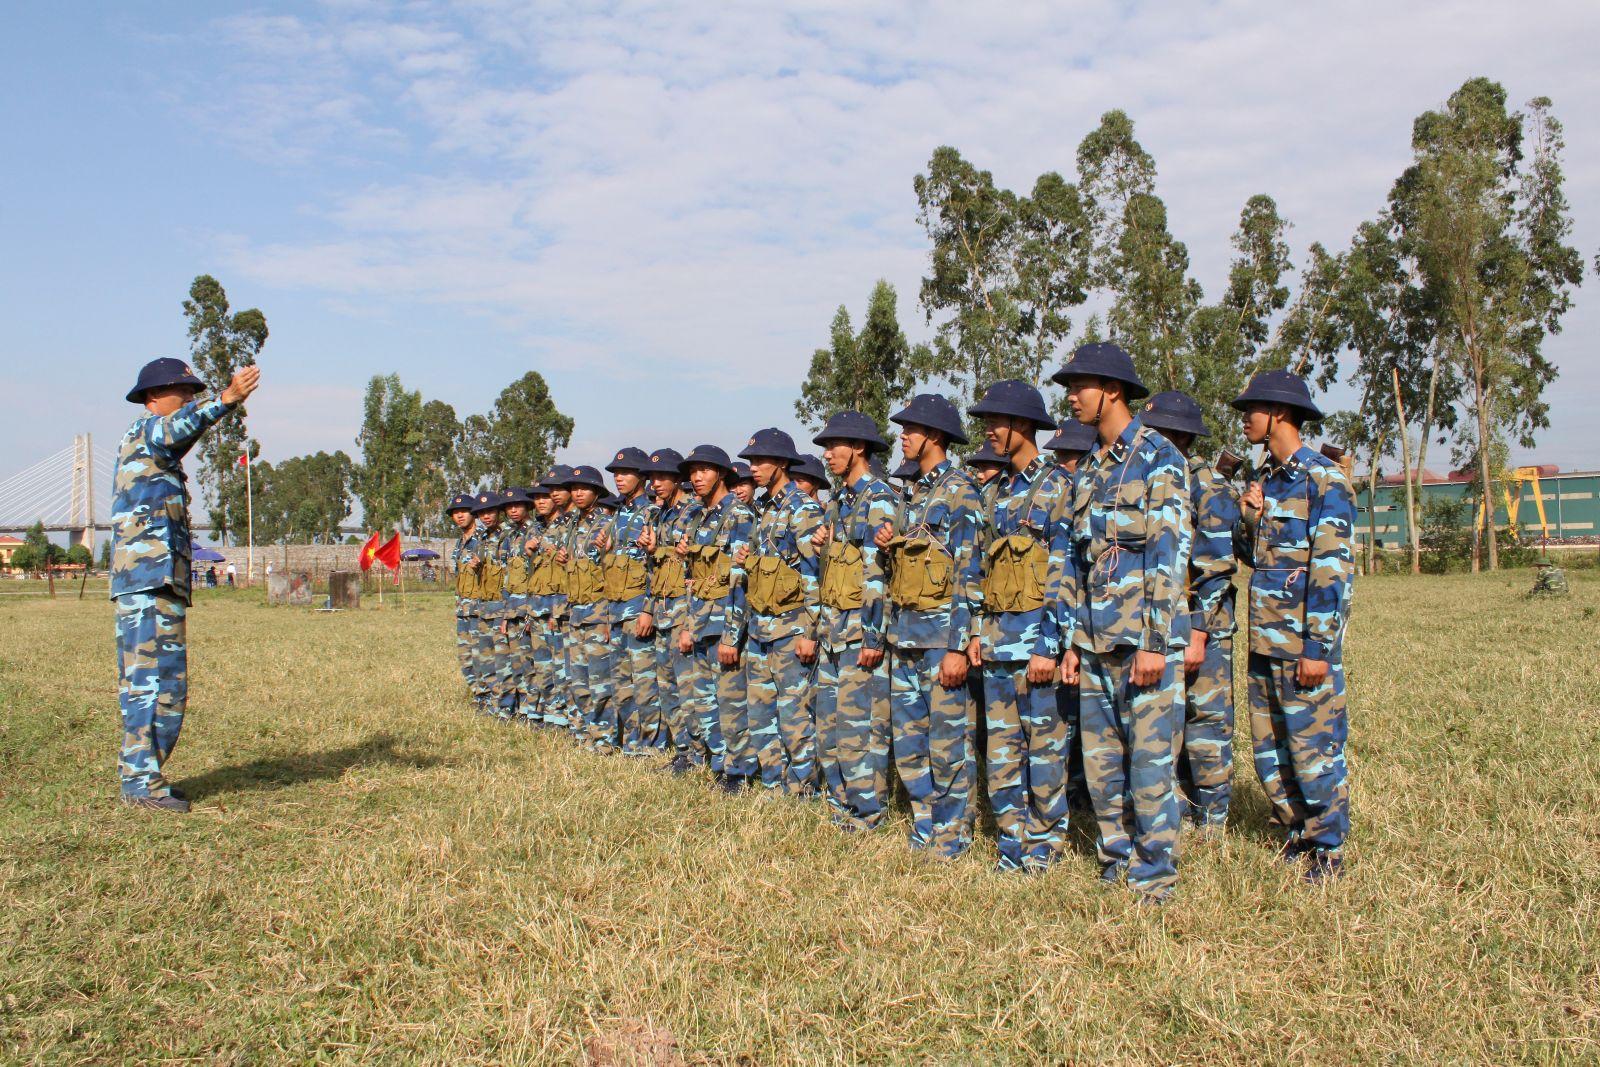 Thống nhất lập Quy hoạch chi tiết Thao trường huấn luyện tổng hợp của Ban Chỉ huy Quân sự thị xã Buôn Hồ